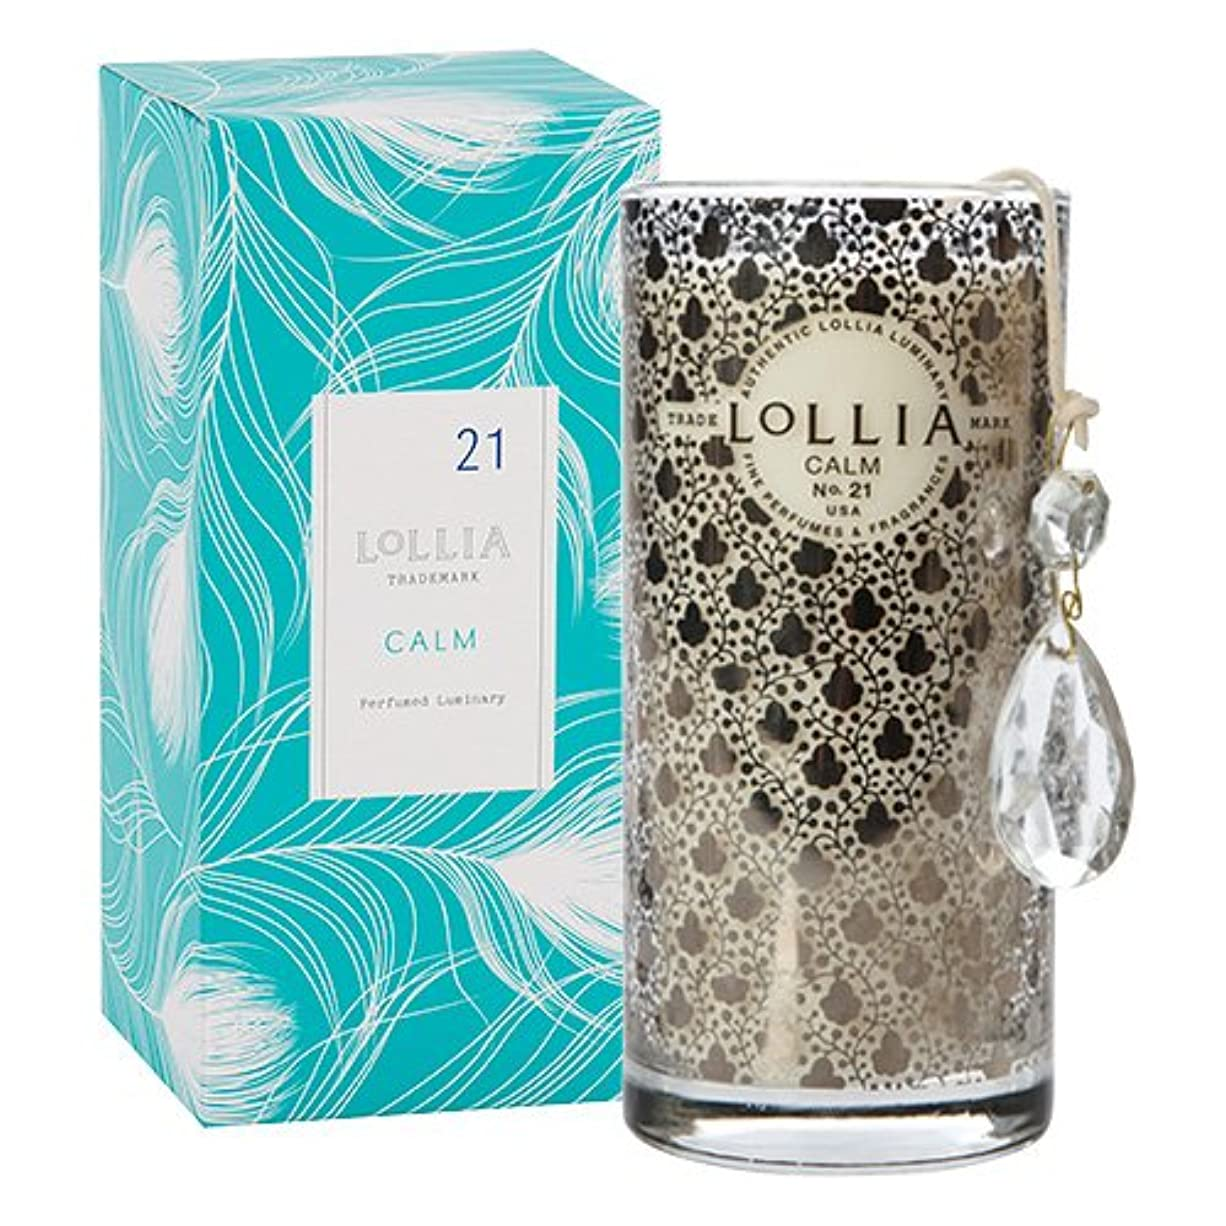 無心シャベル悩みロリア(LoLLIA) プティパフュームドルミナリー290g Calm(チャーム付キャンドル アイリス、シトラス、ヒヤシンスのクリーン&フレッシュな香り)